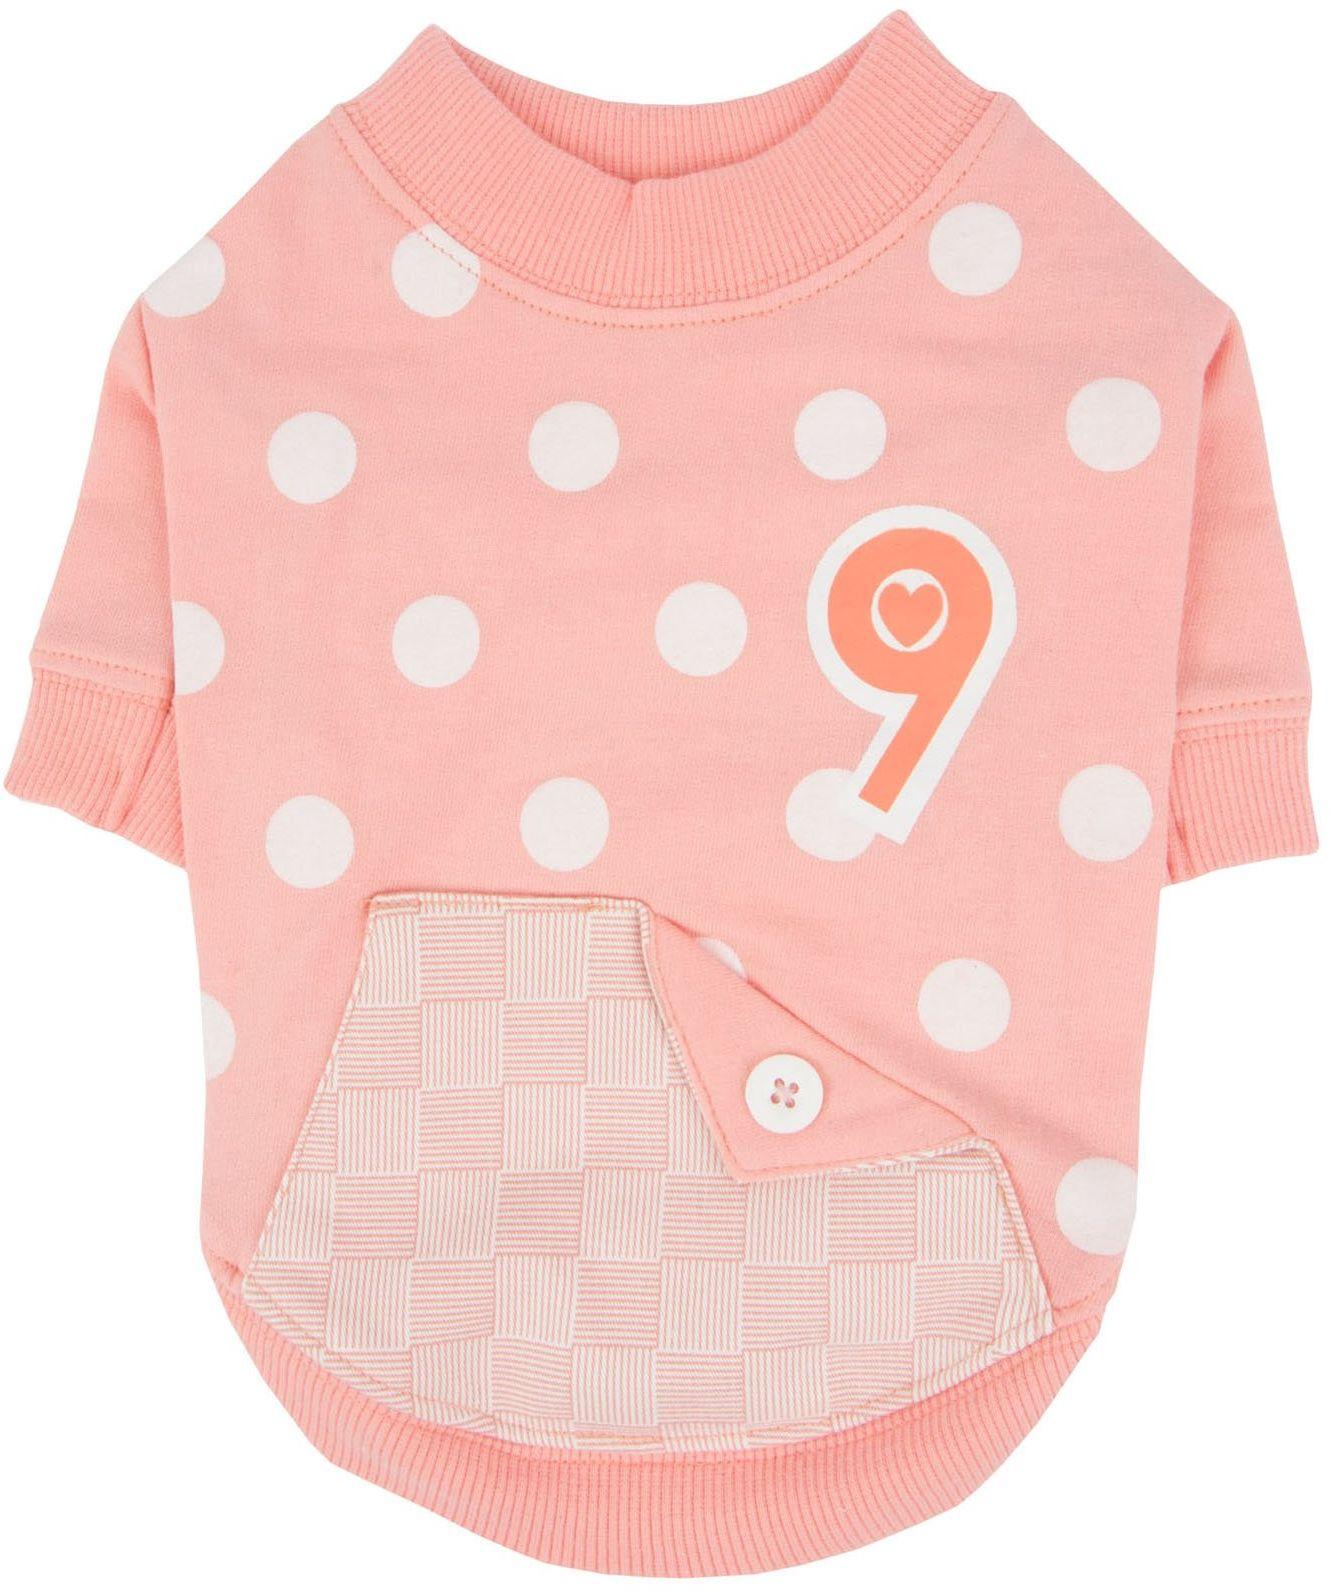 Pinkaholic New York NARA-TS7303-LE-S Lt.Peach Coco koszulki dla zwierząt domowych, małe